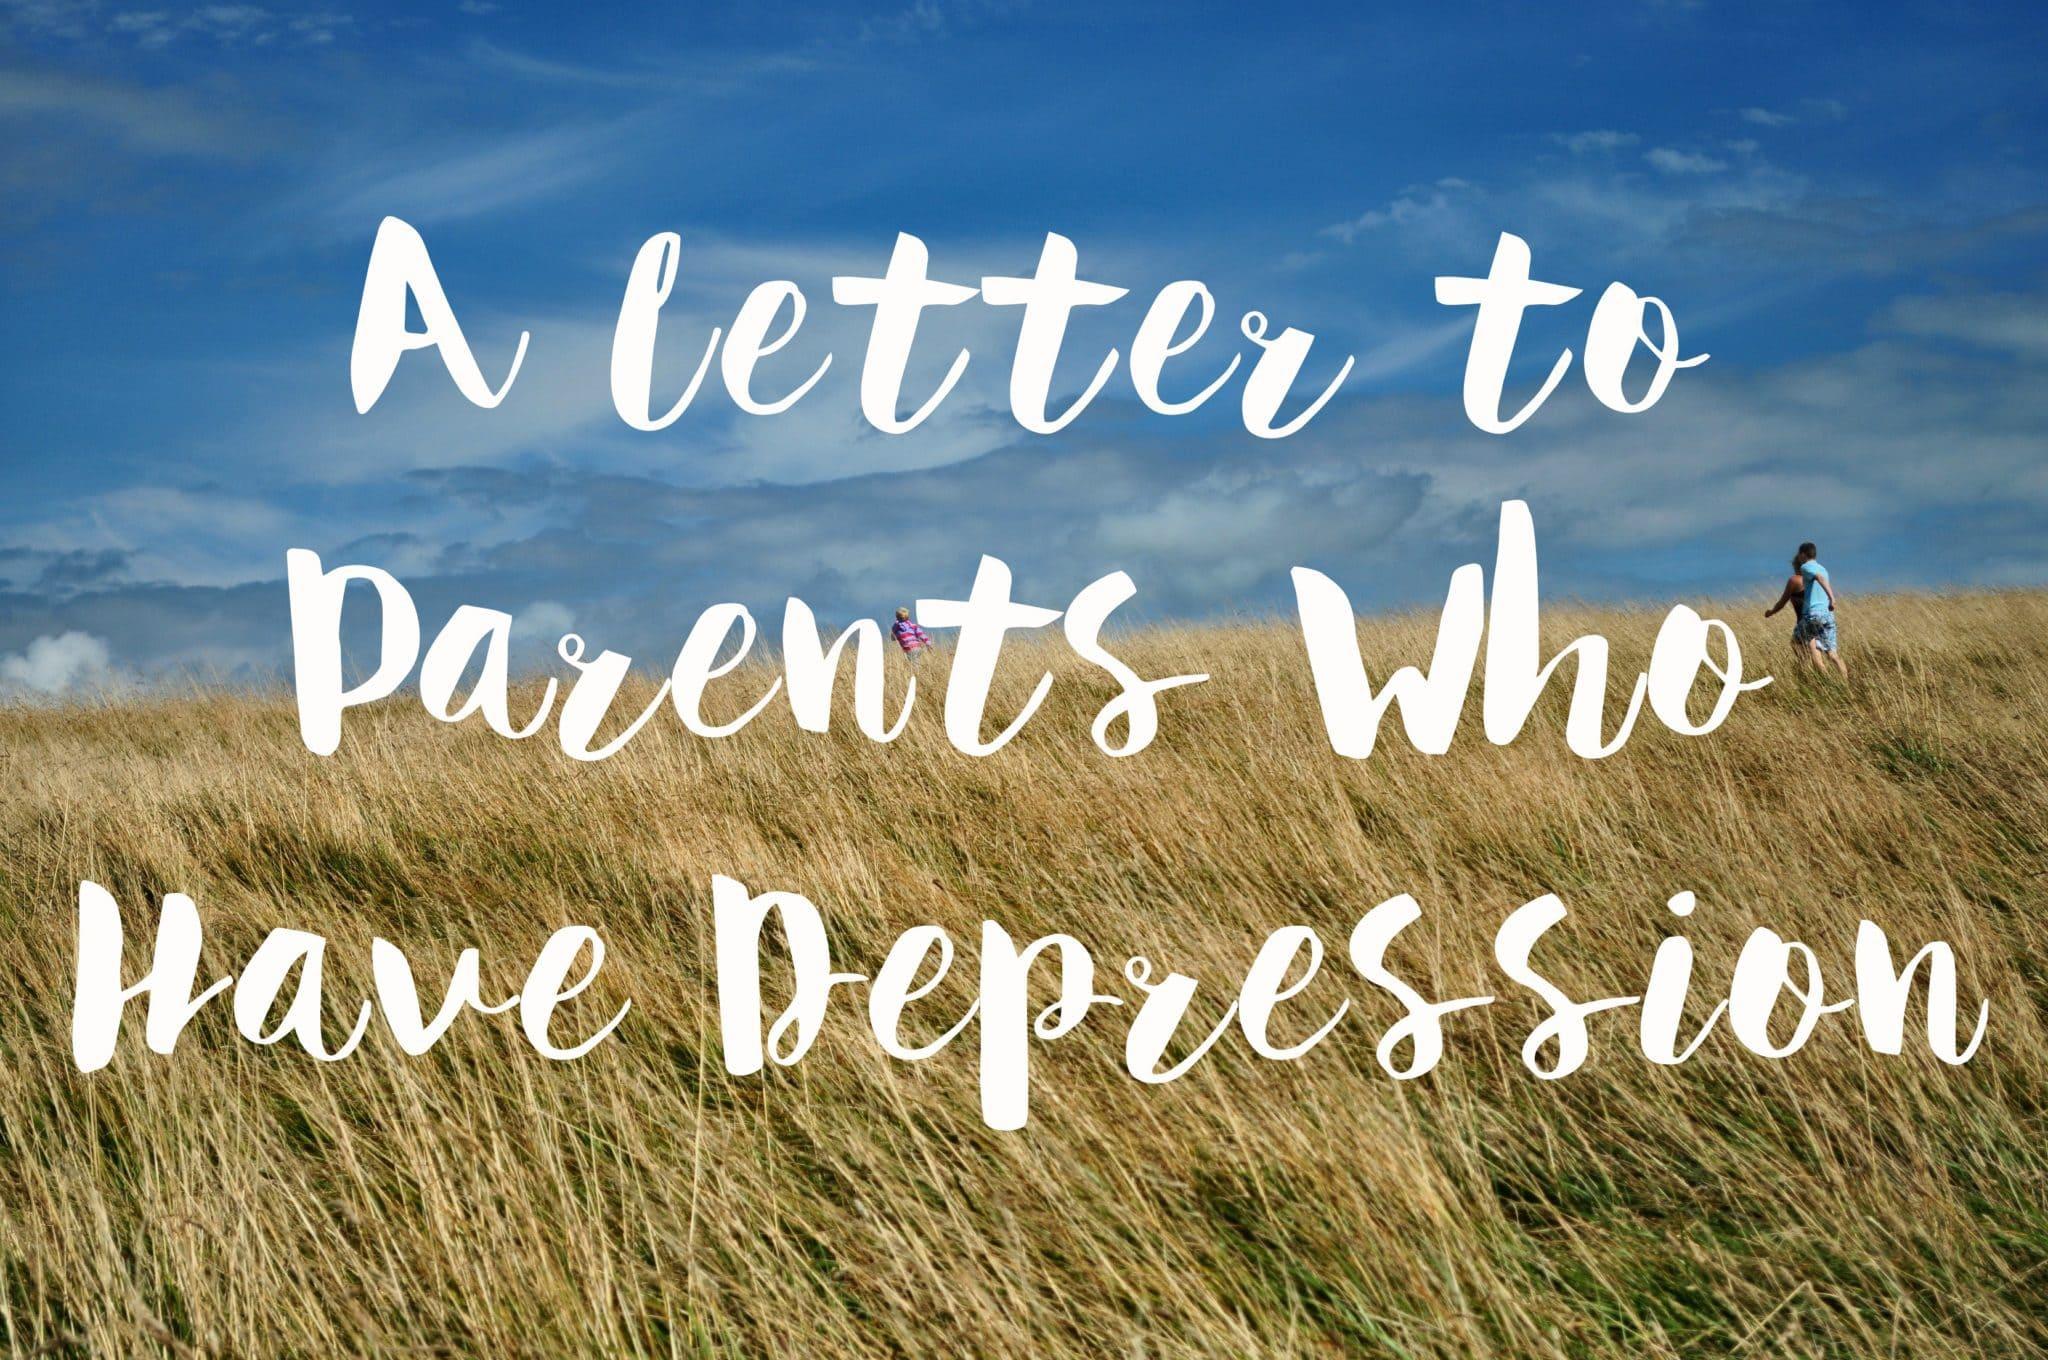 A Letter To Parent Parents Who Have Depression